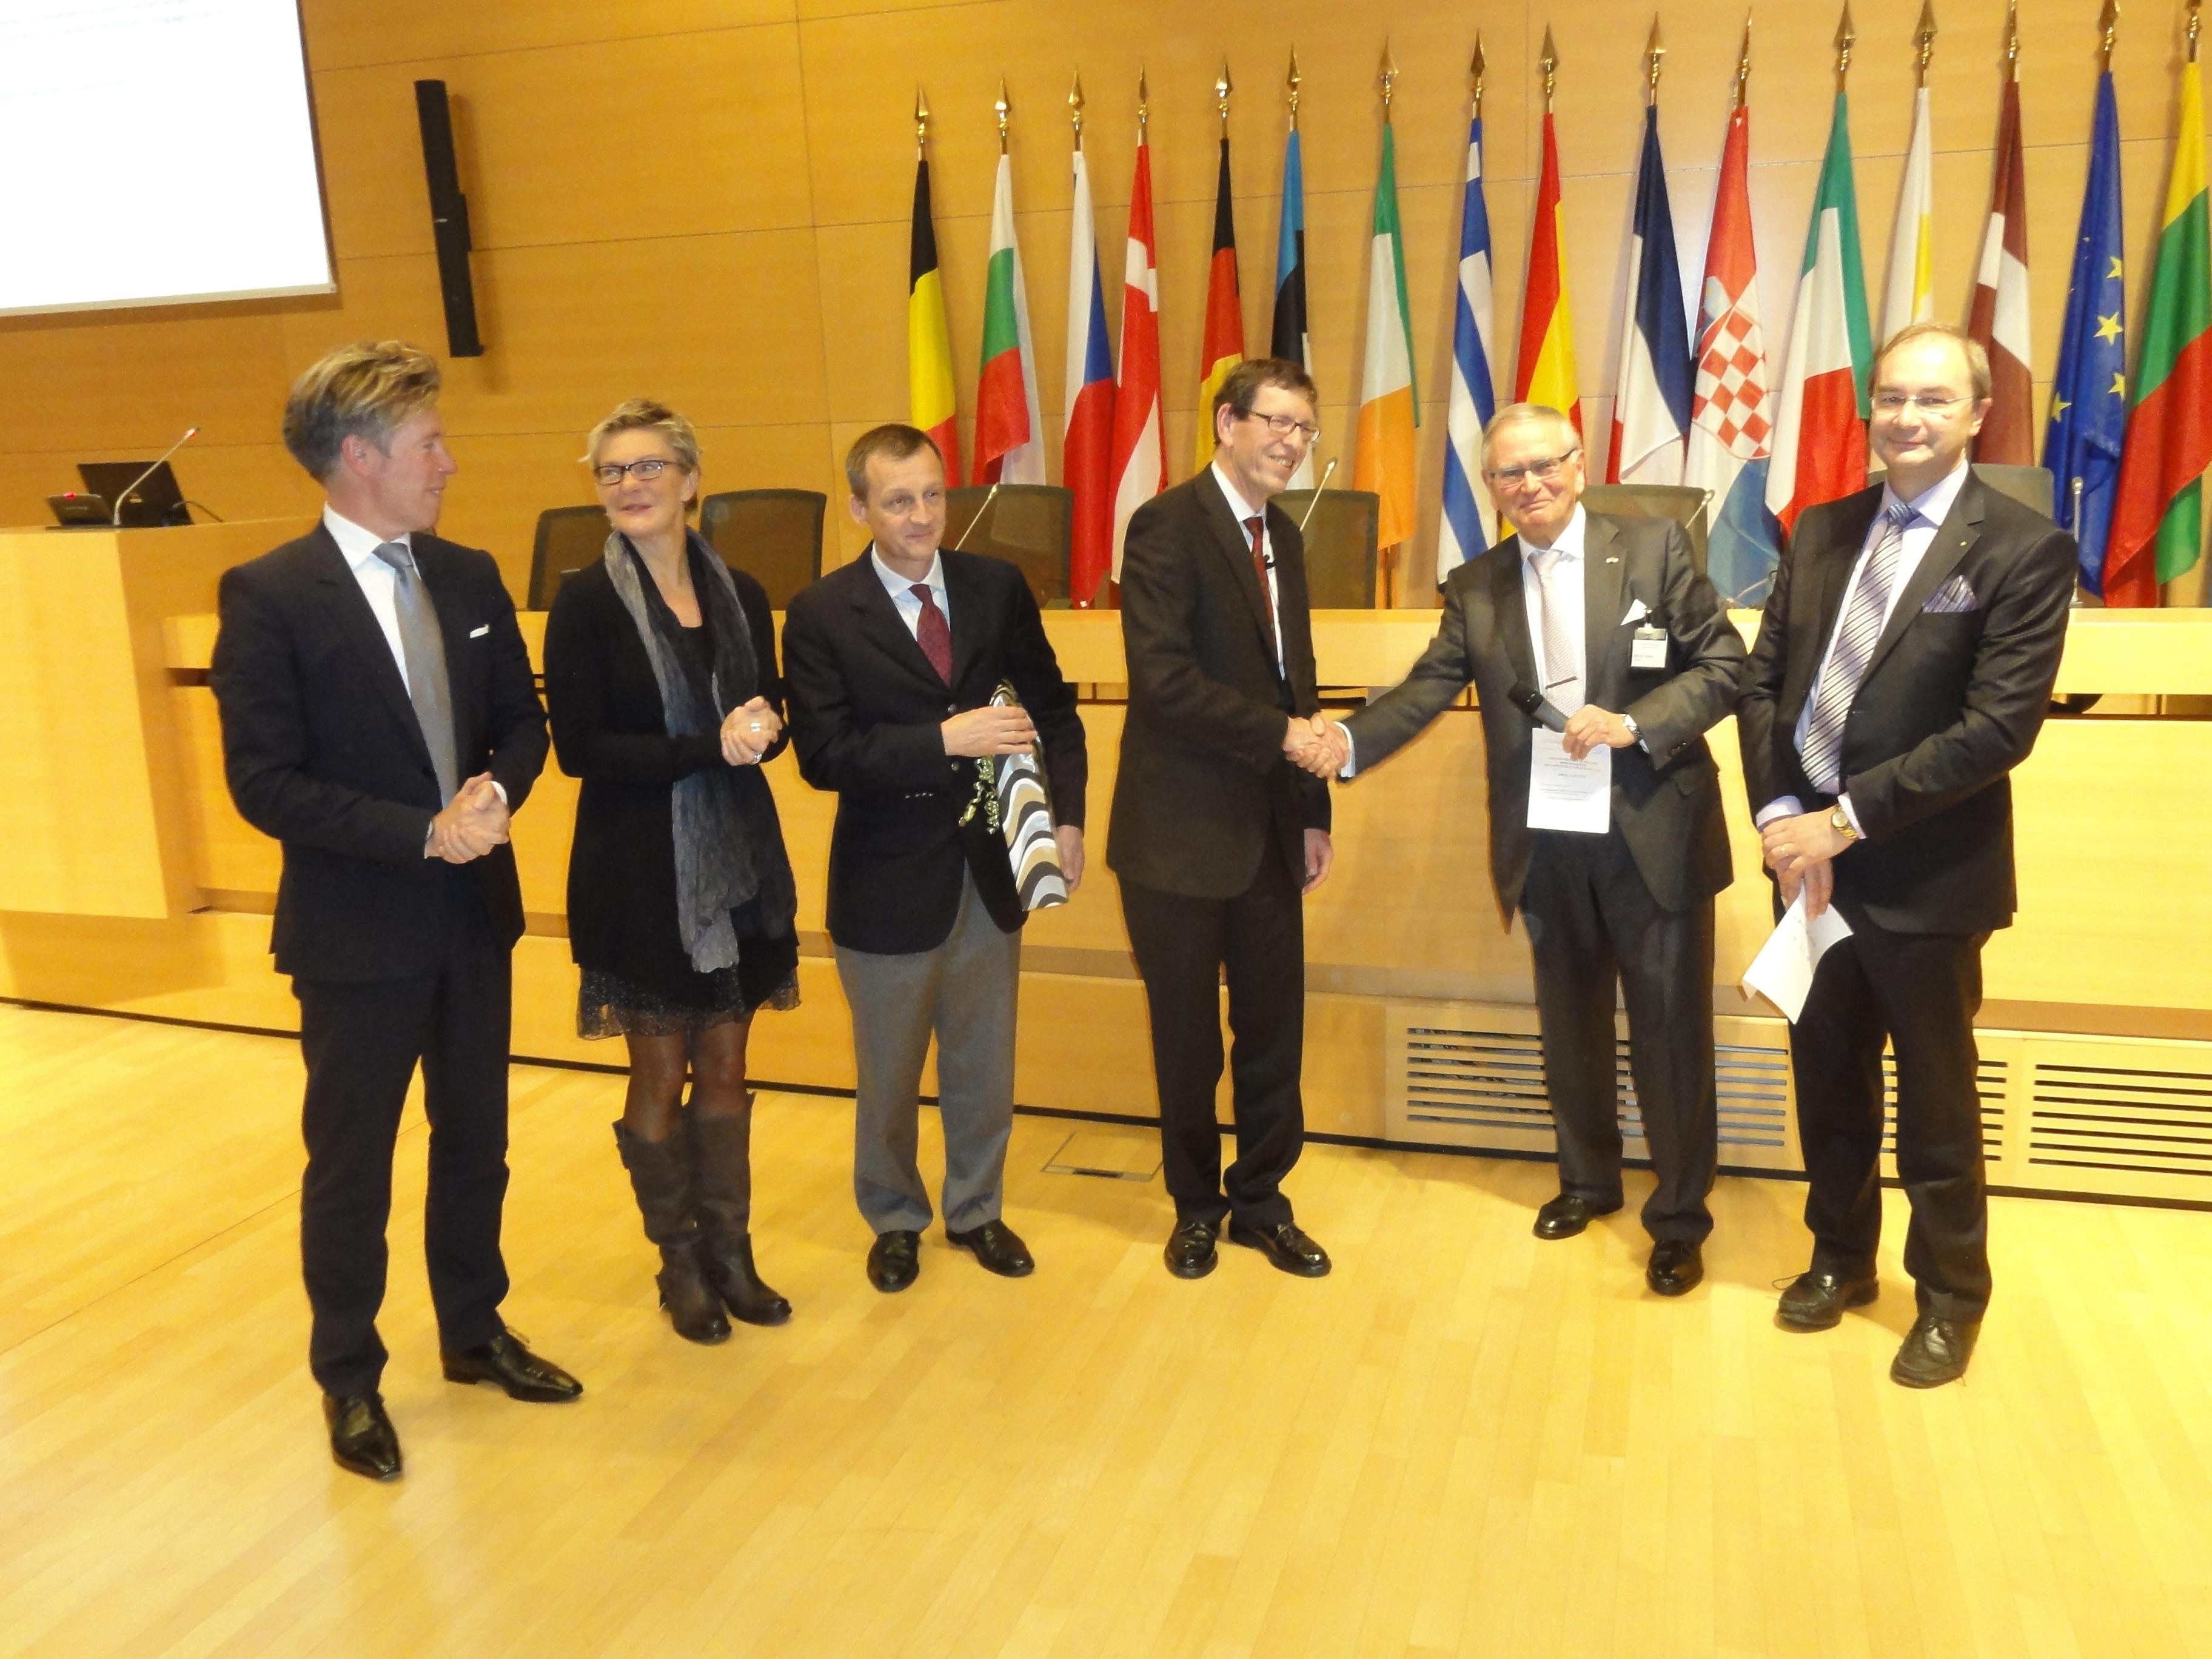 Grand Prix 2013 en sciences biologiques / Prix CACTUS : Professeur Dr Claude P.MULLER (CRP-Santé) / lauréat